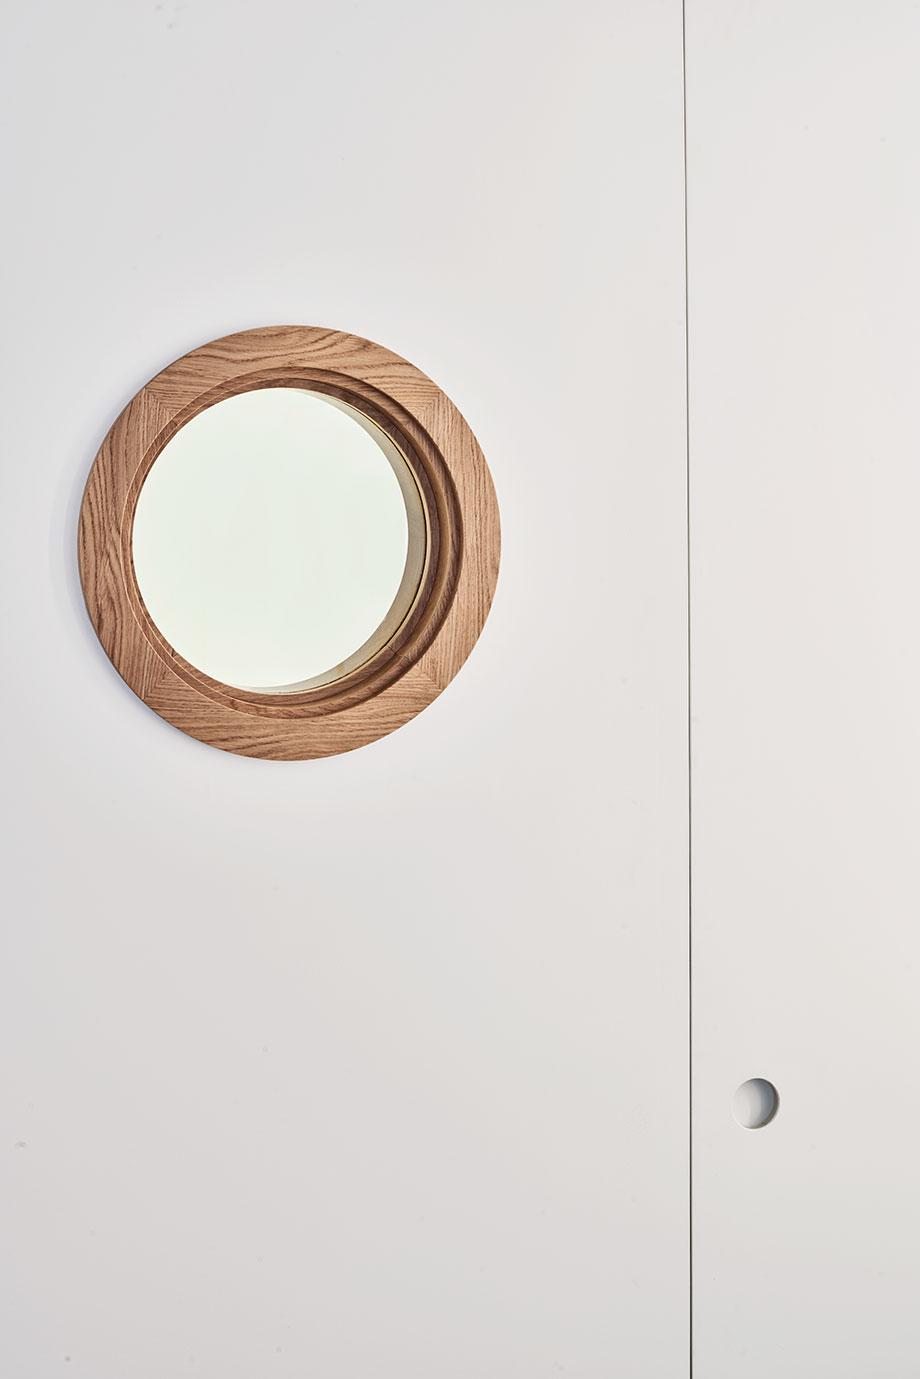 vivir la arquitectura - innovation showroom de pati nuñez y estudio vilablanch (8) - foto jose hevia